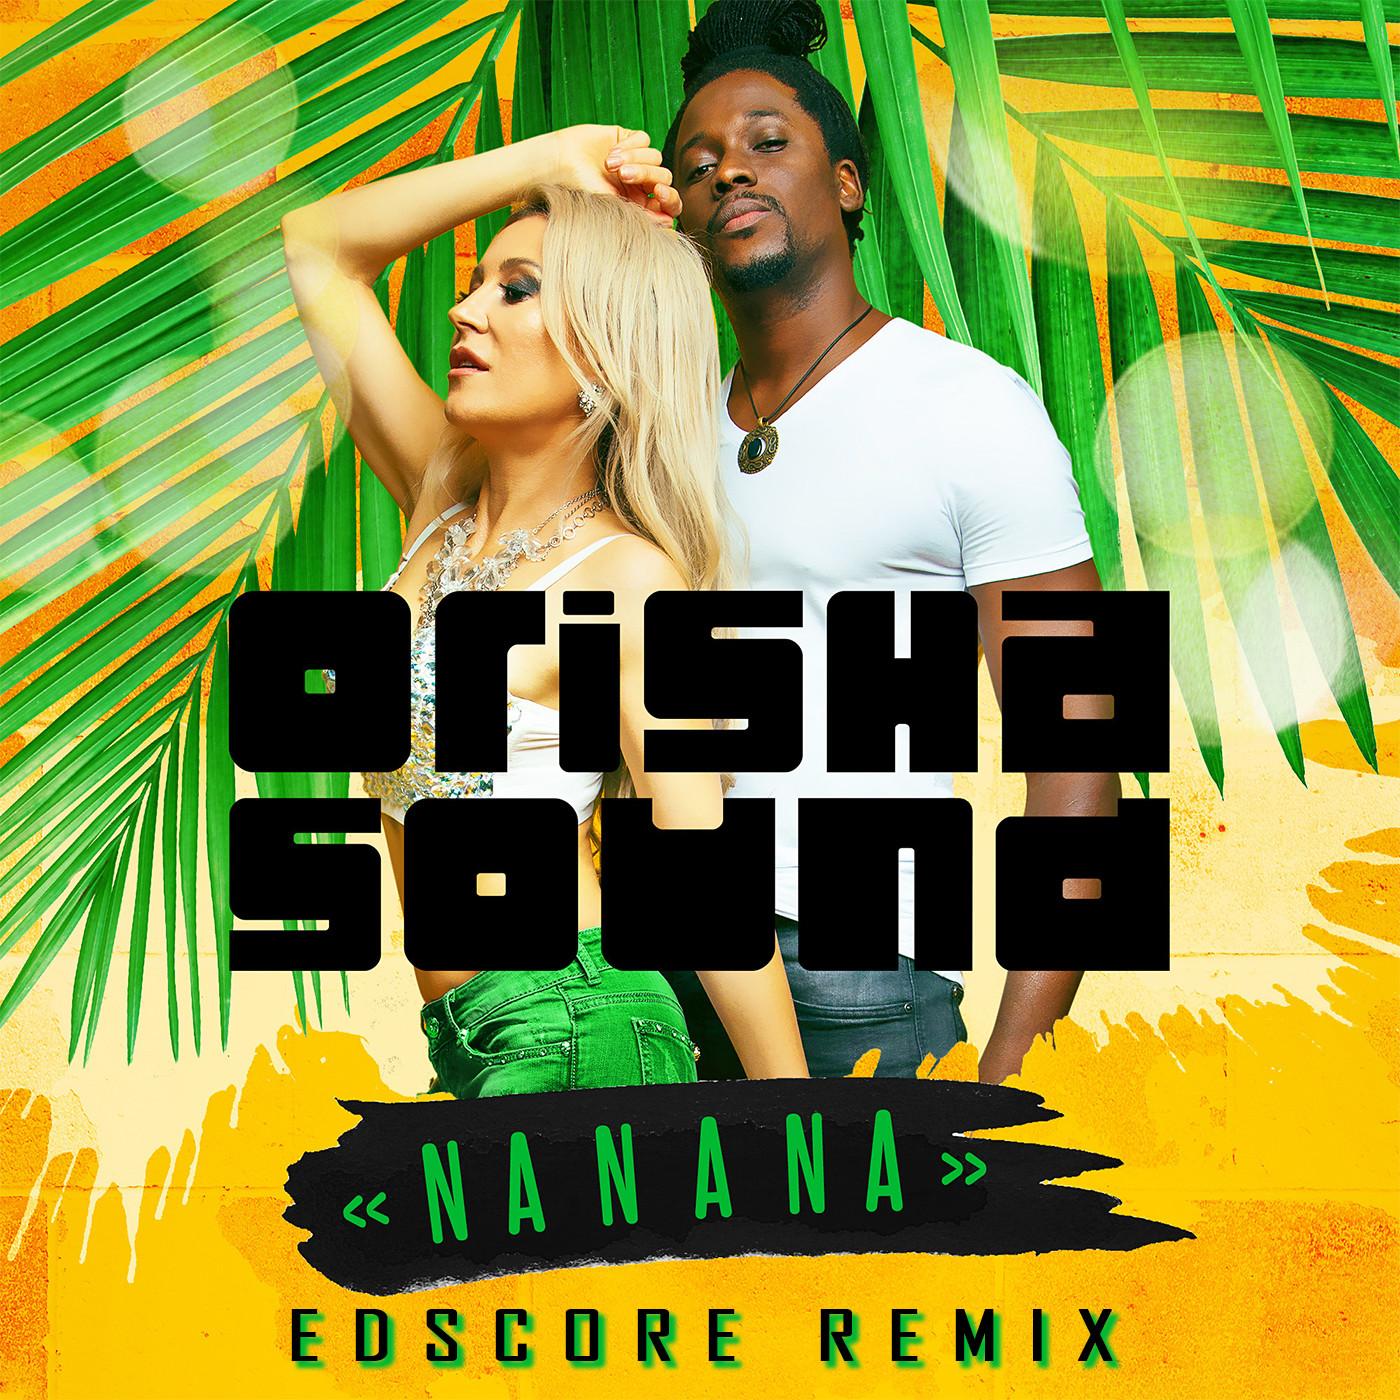 Orisha Sound - Na Na Na (EDscore Remix)